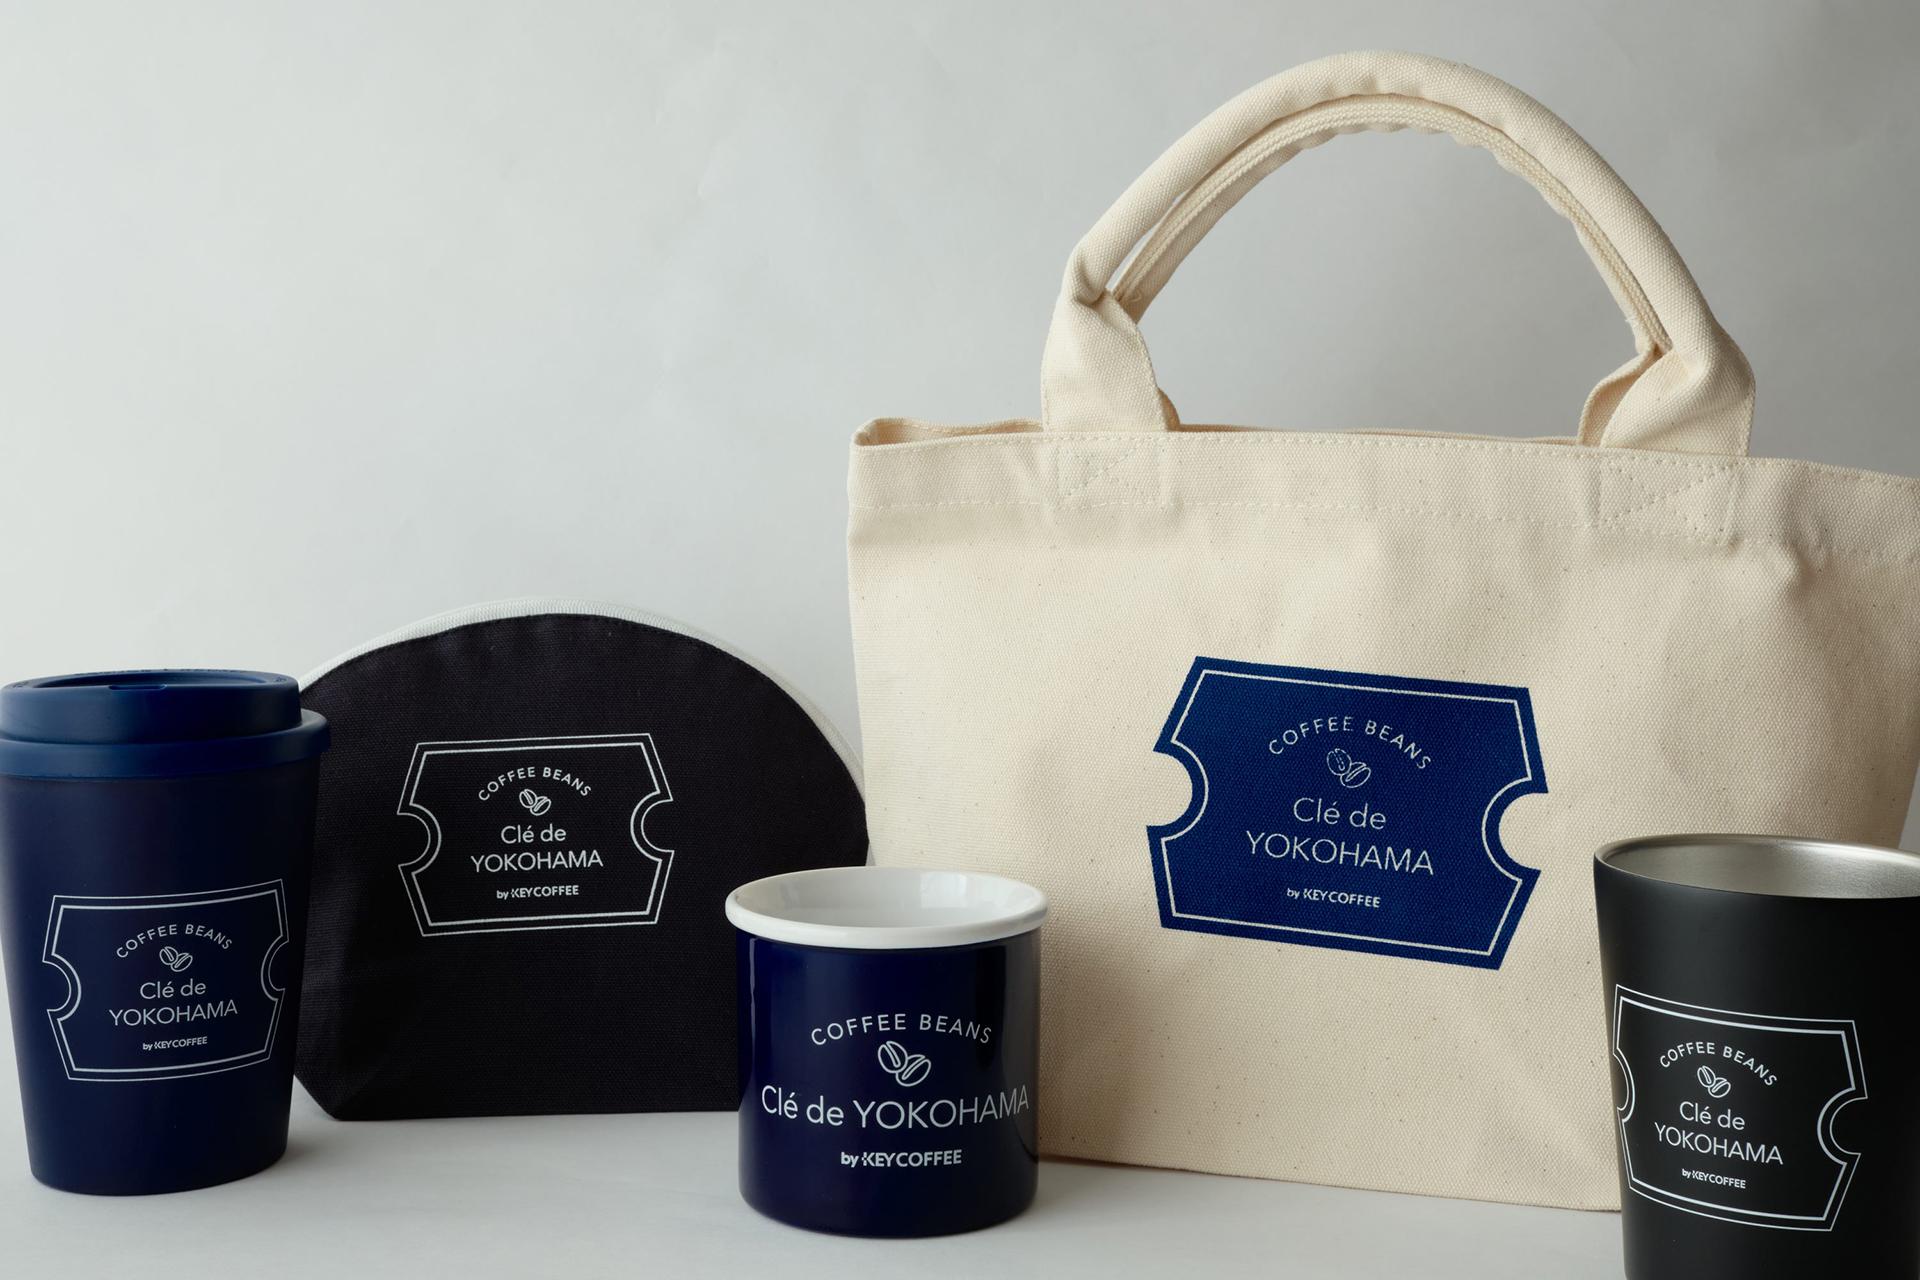 横浜高島屋『COFFEE BEANS Cle de YOKOHAMA(クレドヨコハマ) by KEY COFFEE』